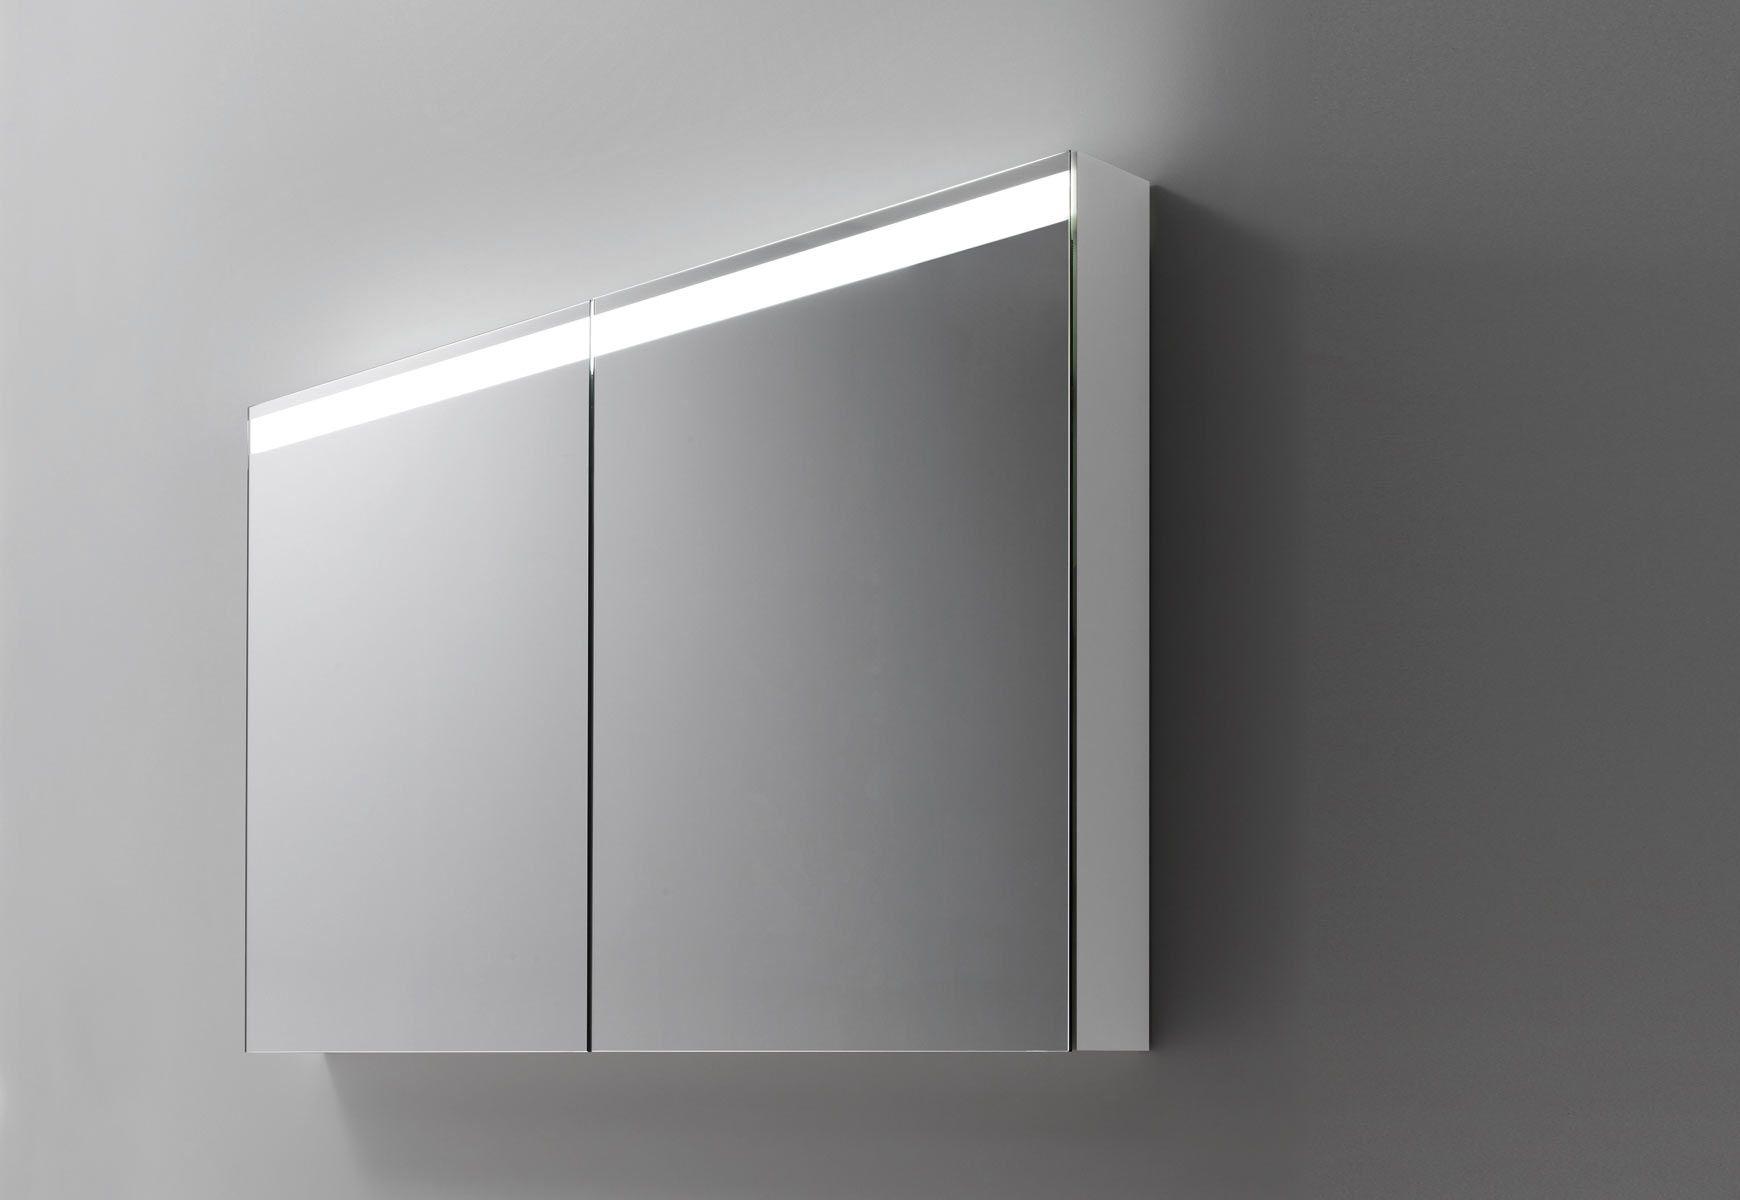 Talsee Led Spiegelschrank Level Mit Ausgeklugelter Leuchte Spiegelschrank Badezimmer Spiegelschrank Spiegelschrank Beleuchtung